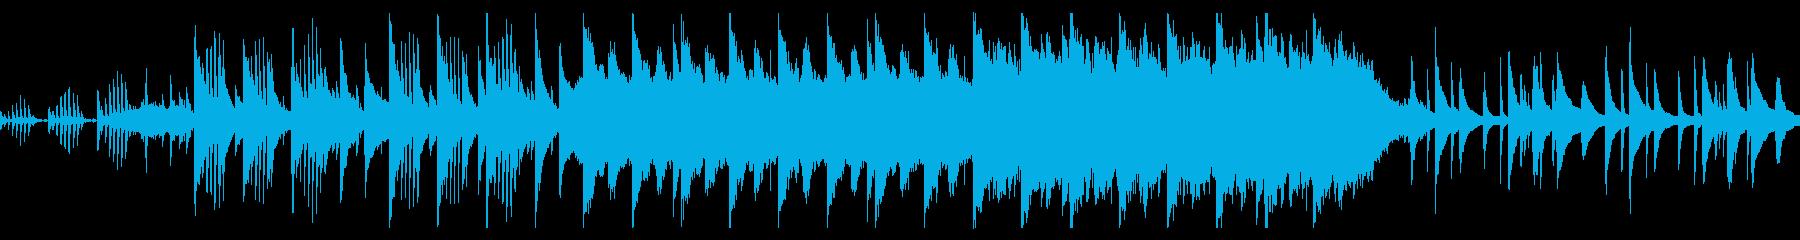 エンディングへ向かう明るく切ないバラードの再生済みの波形